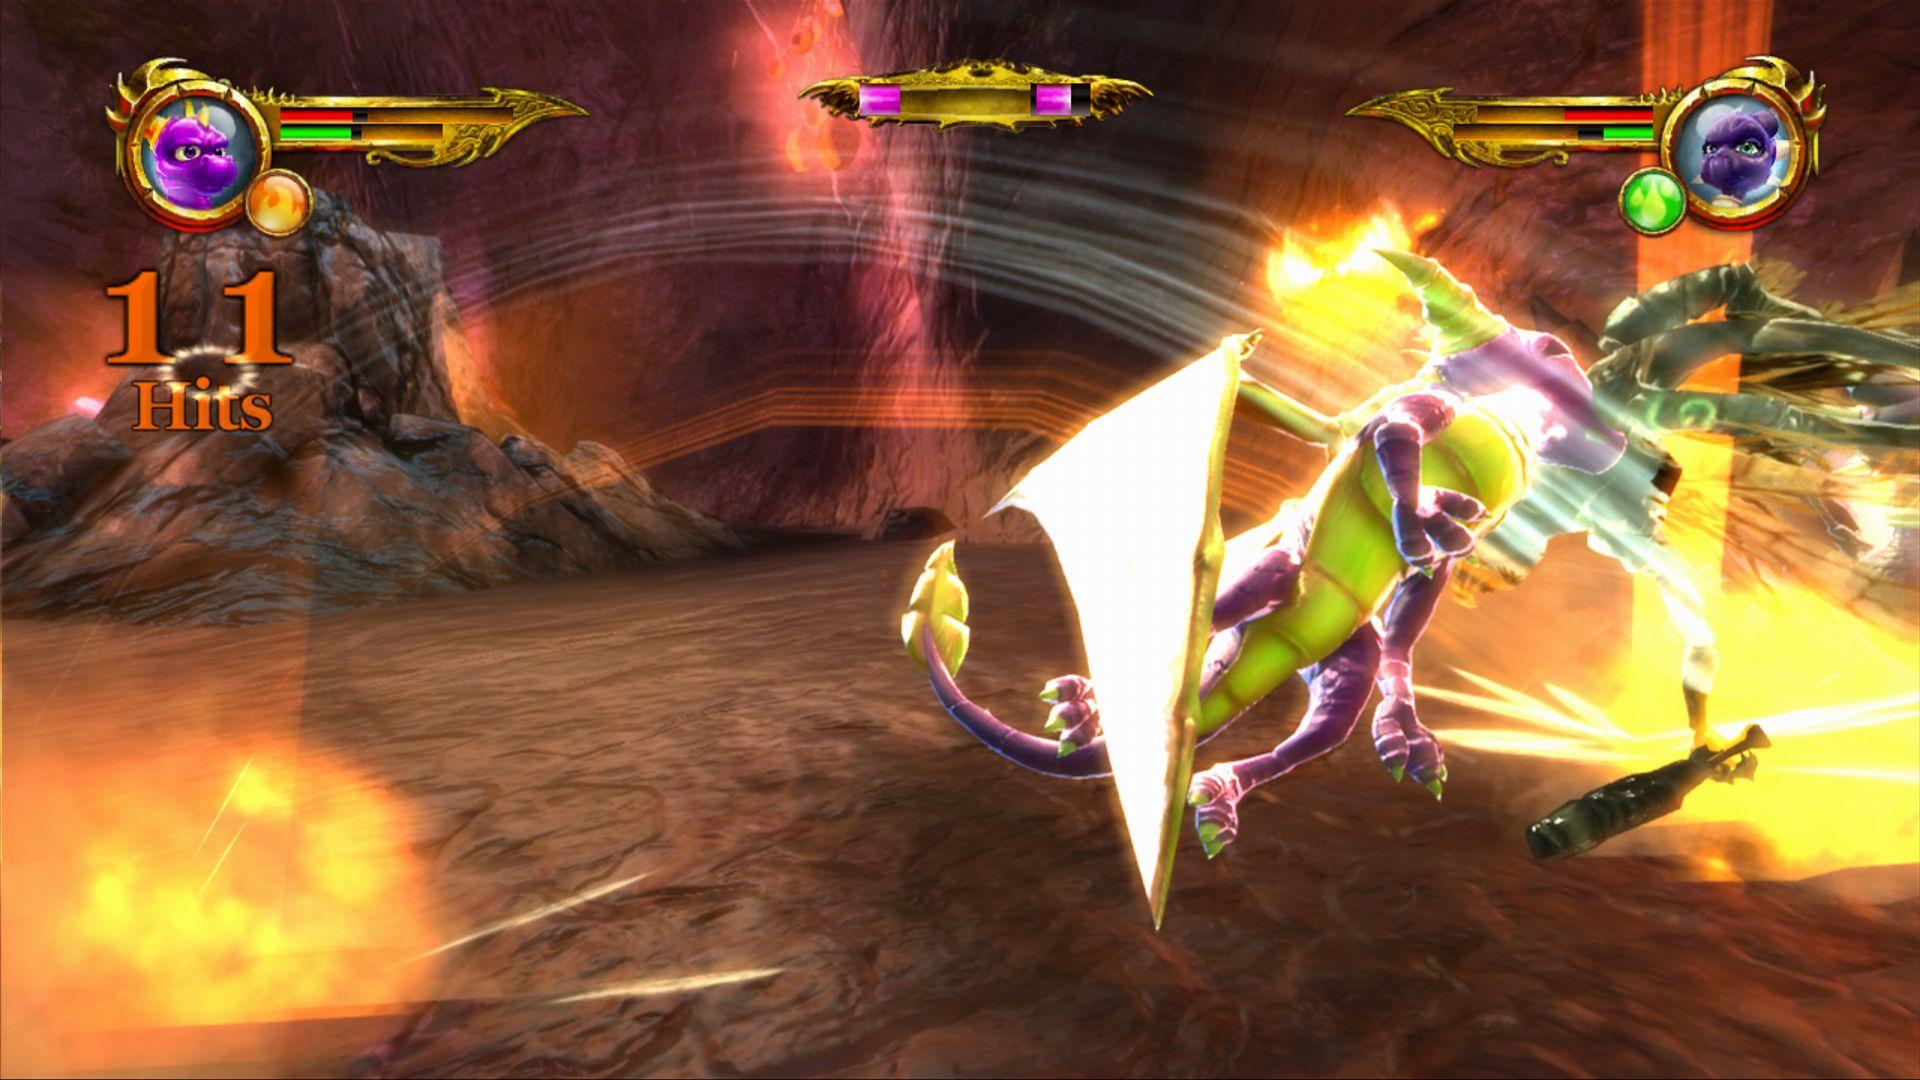 darkSpyro - The Legend of Spyro: Dawn of the Dragon